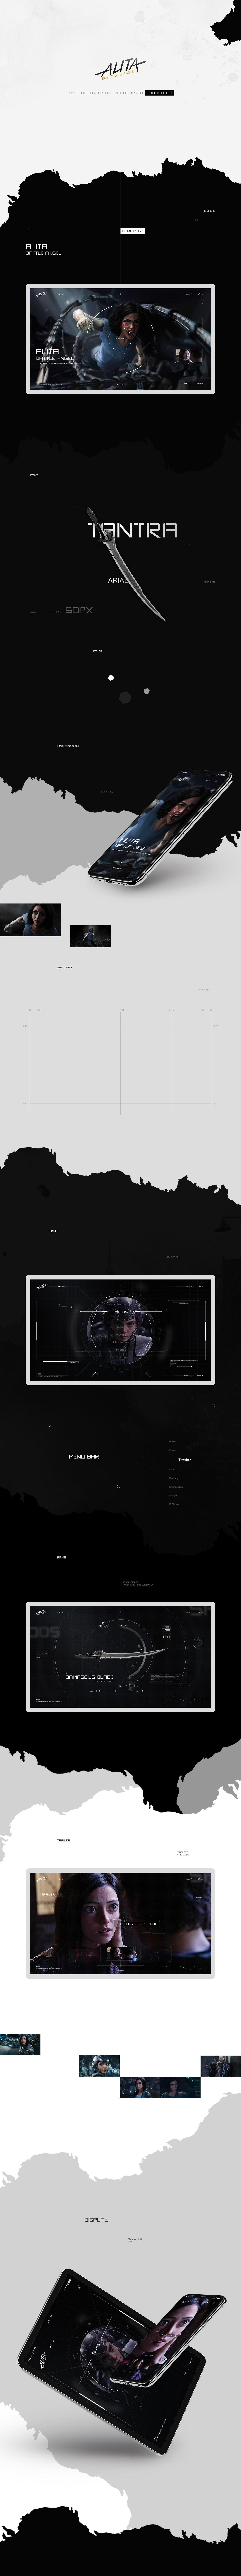 Image may contain: screenshot and black